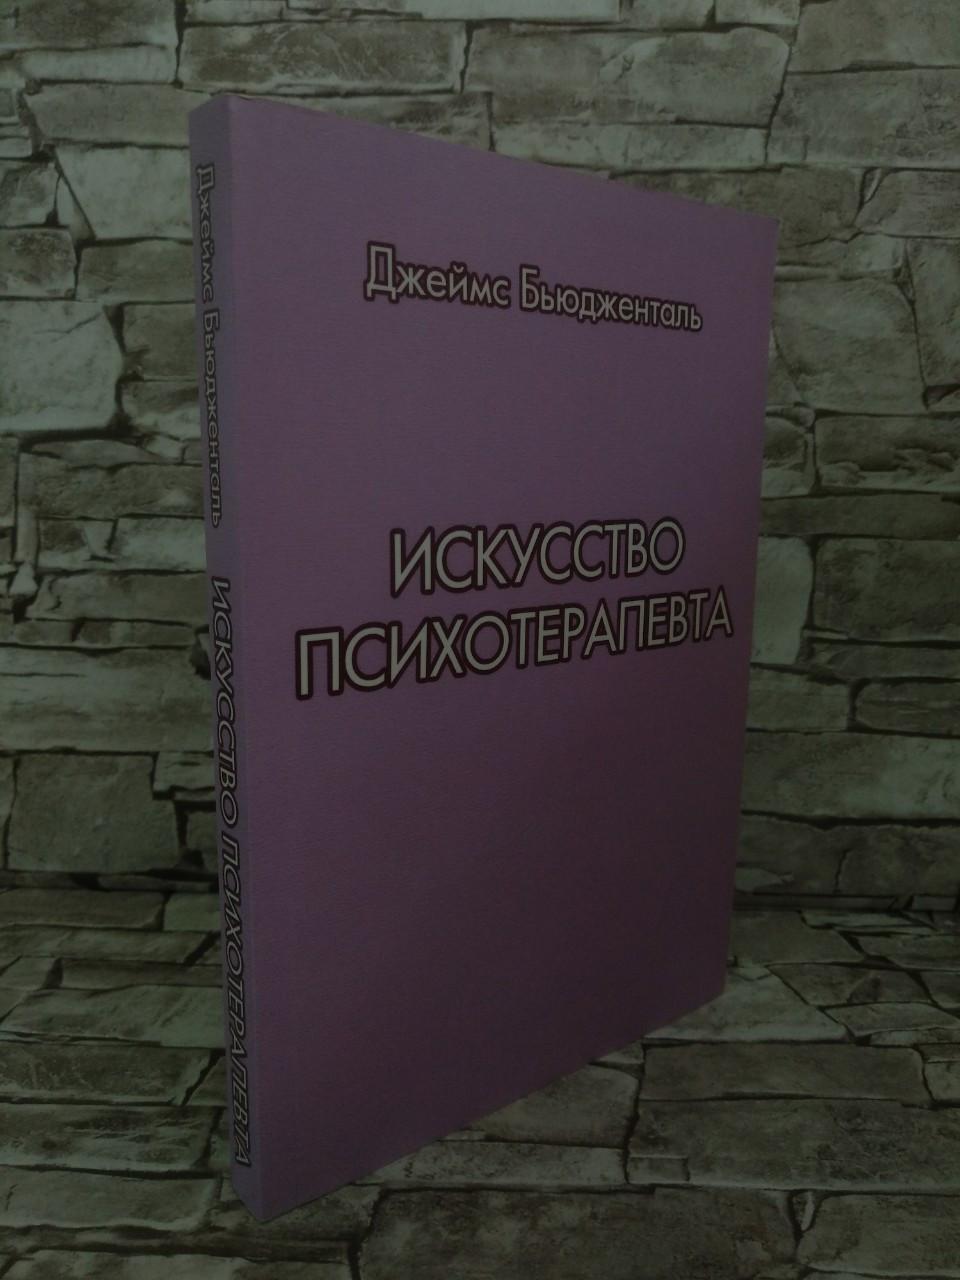 """Книга """"Искусство психотерапевта"""" Джеймс Бьюдженталь"""